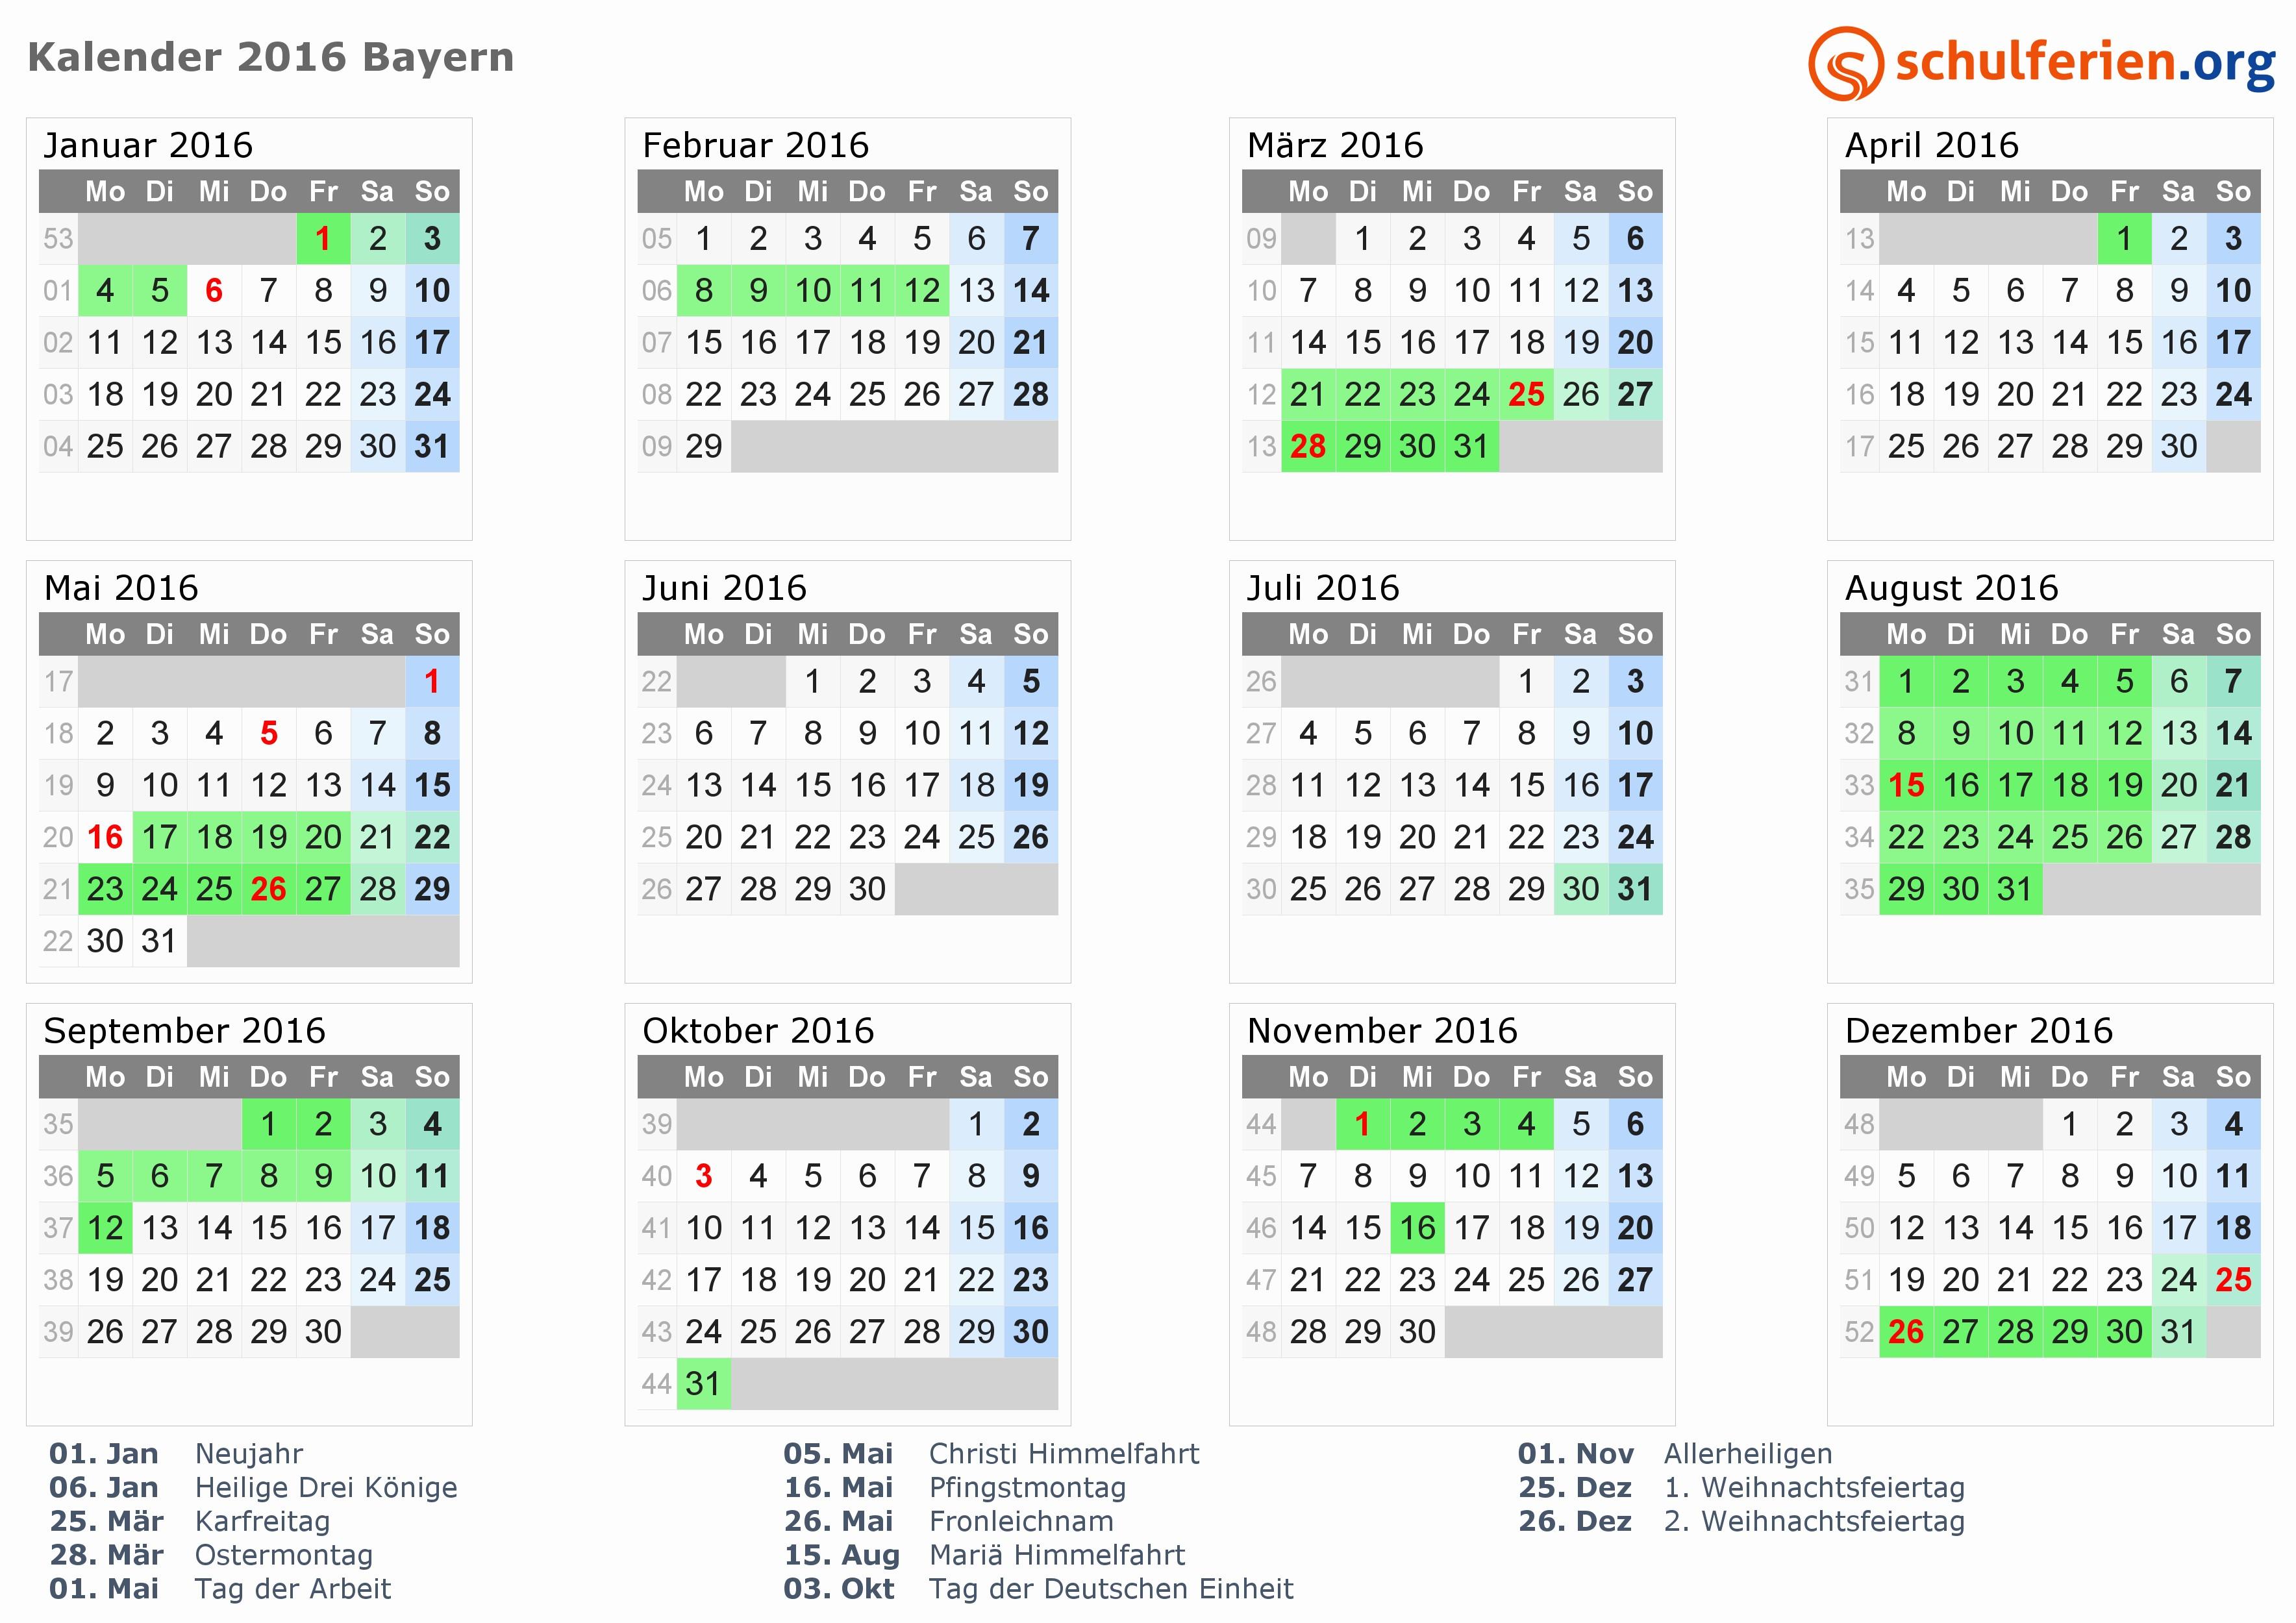 Kalender 2016 Mit Feiertagen Sachsen Inspirierend Kalender 2016 Ferien Bayern Feiertage